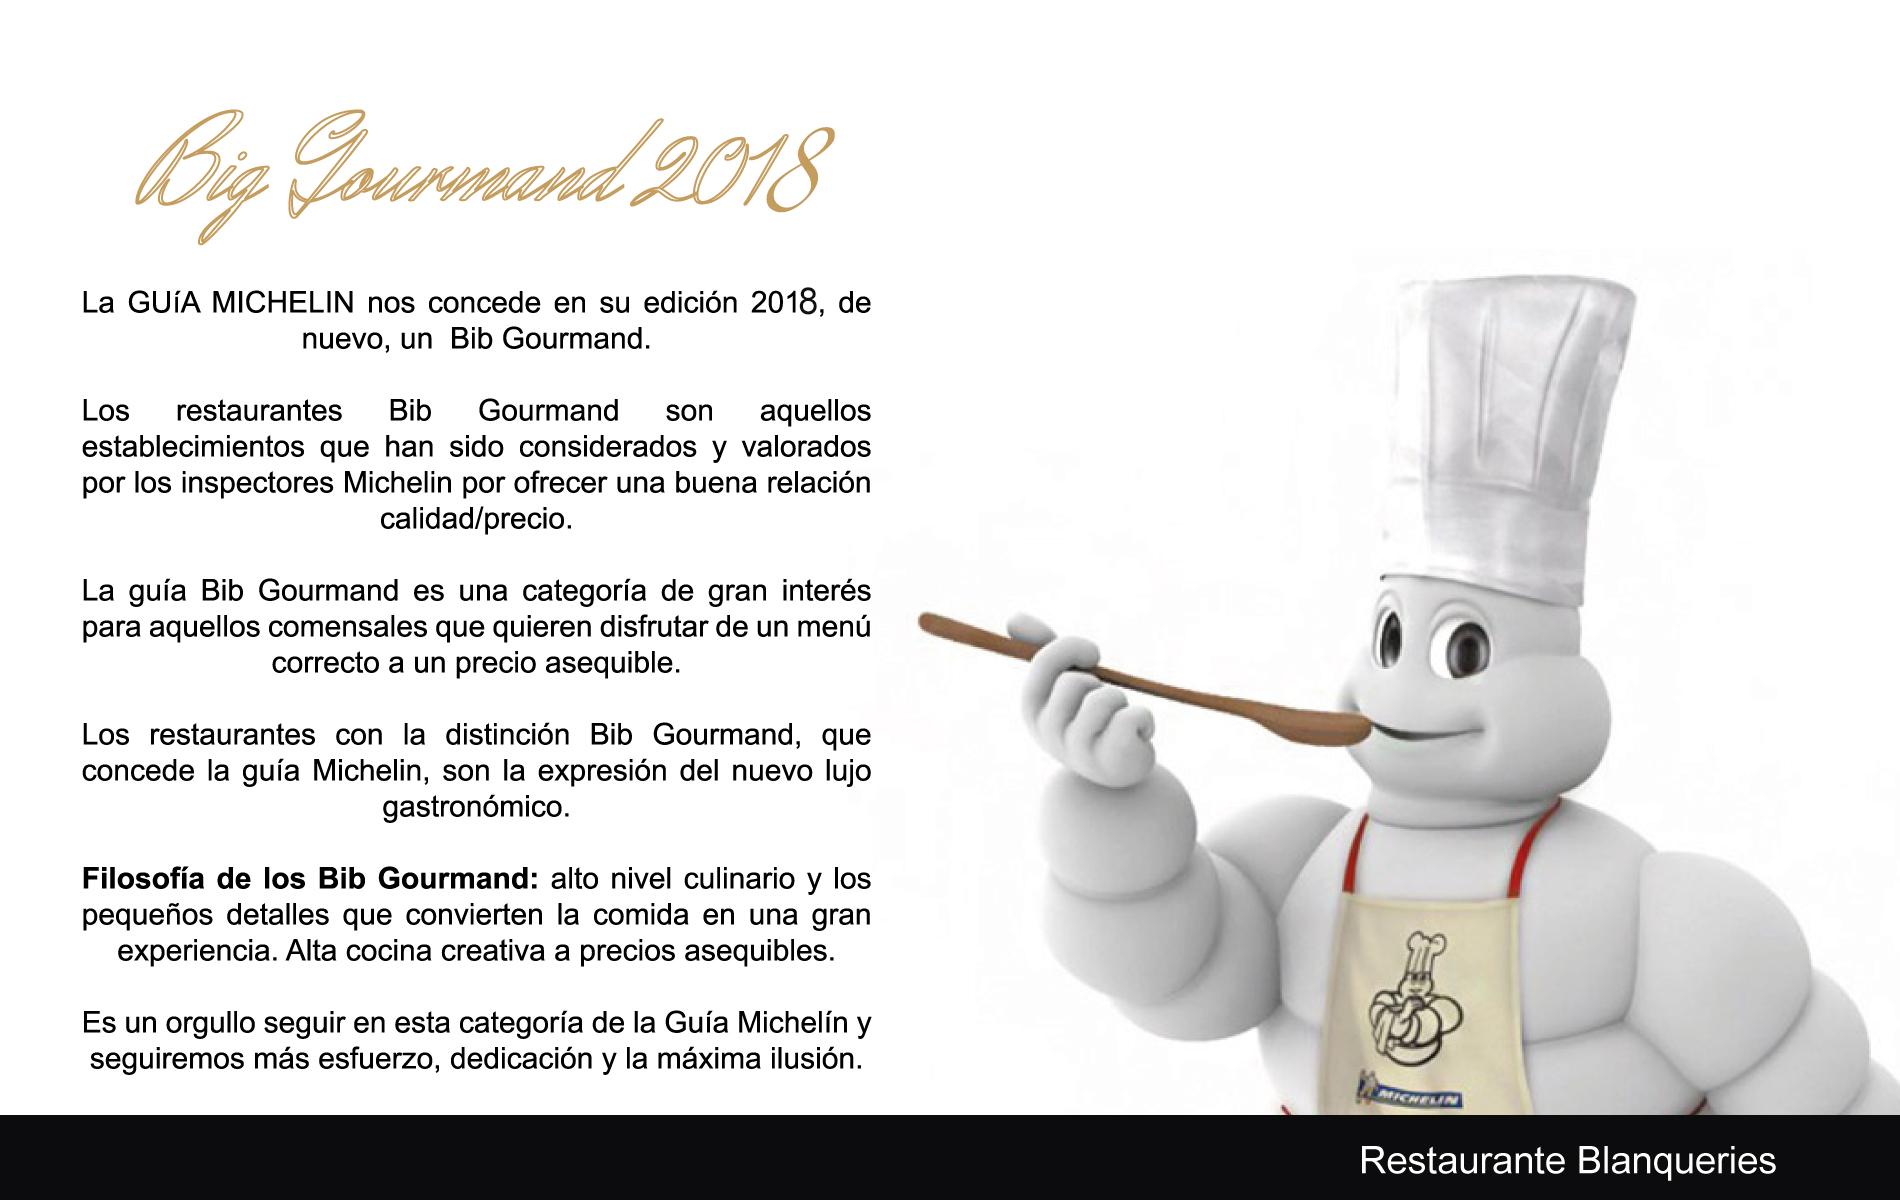 Blanquerias recibe, otro año más, el galardón de BigGourmand otorgado por la Guía Michelin: Calidad de Estrella a precios asequibles